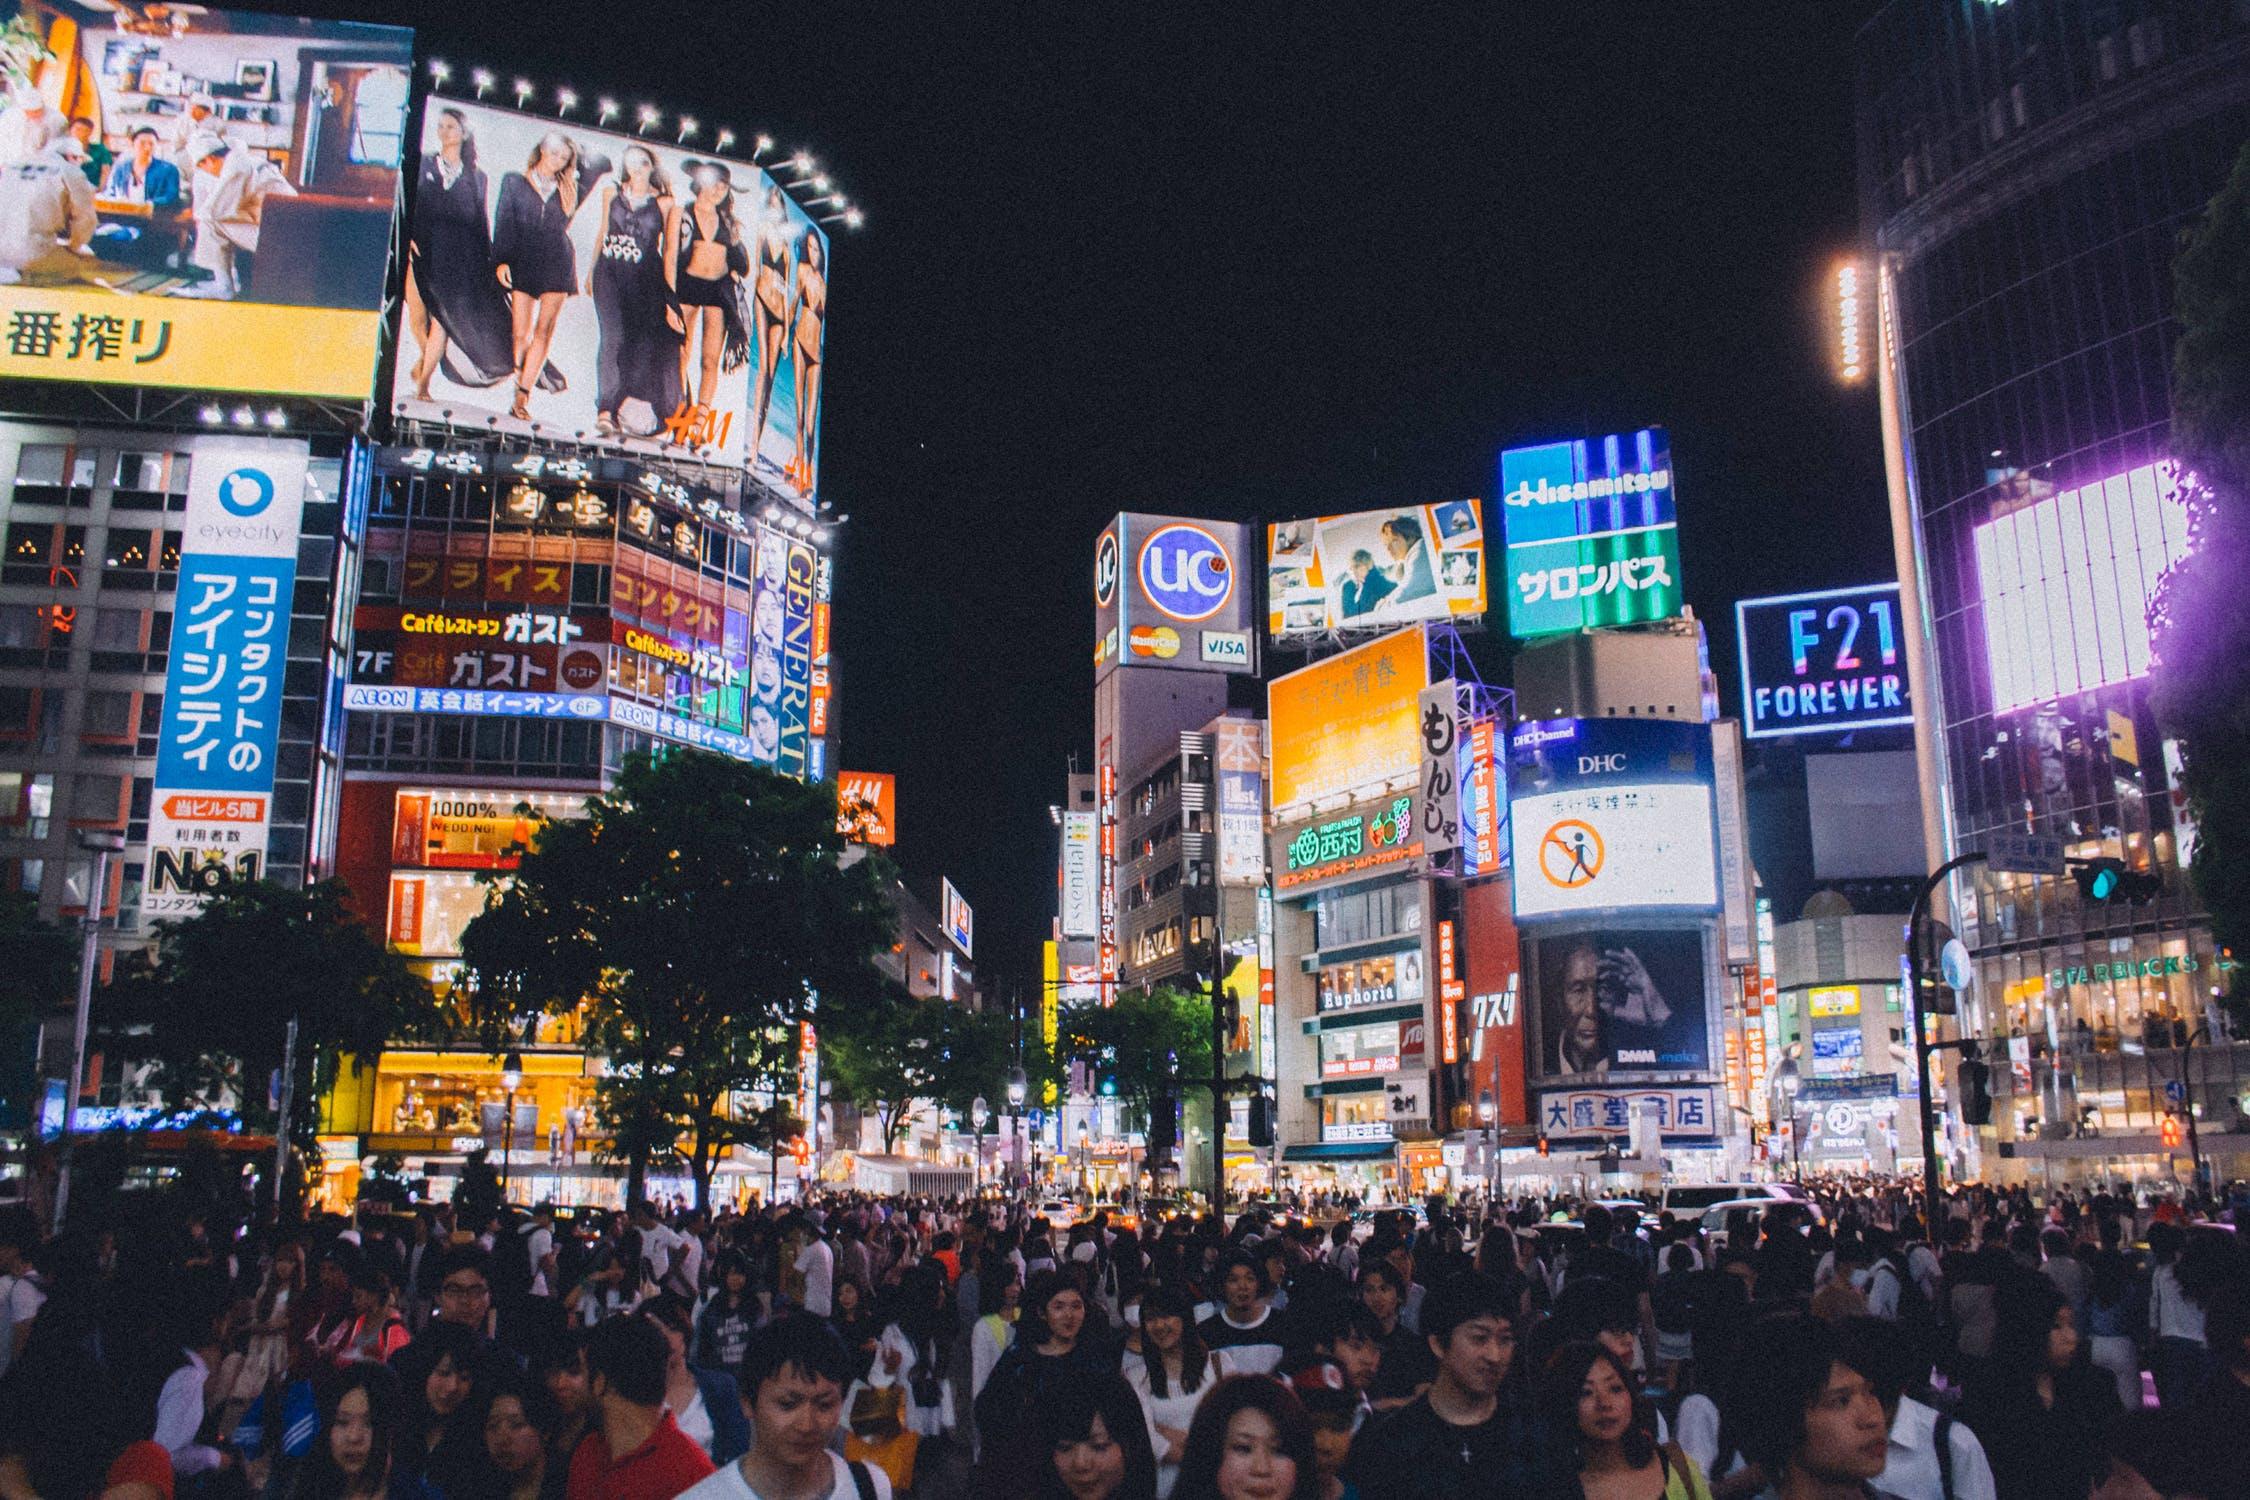 日本2月百货店销售额同比下滑12.2%,中国大陆访日游客数量同比下滑87.9%